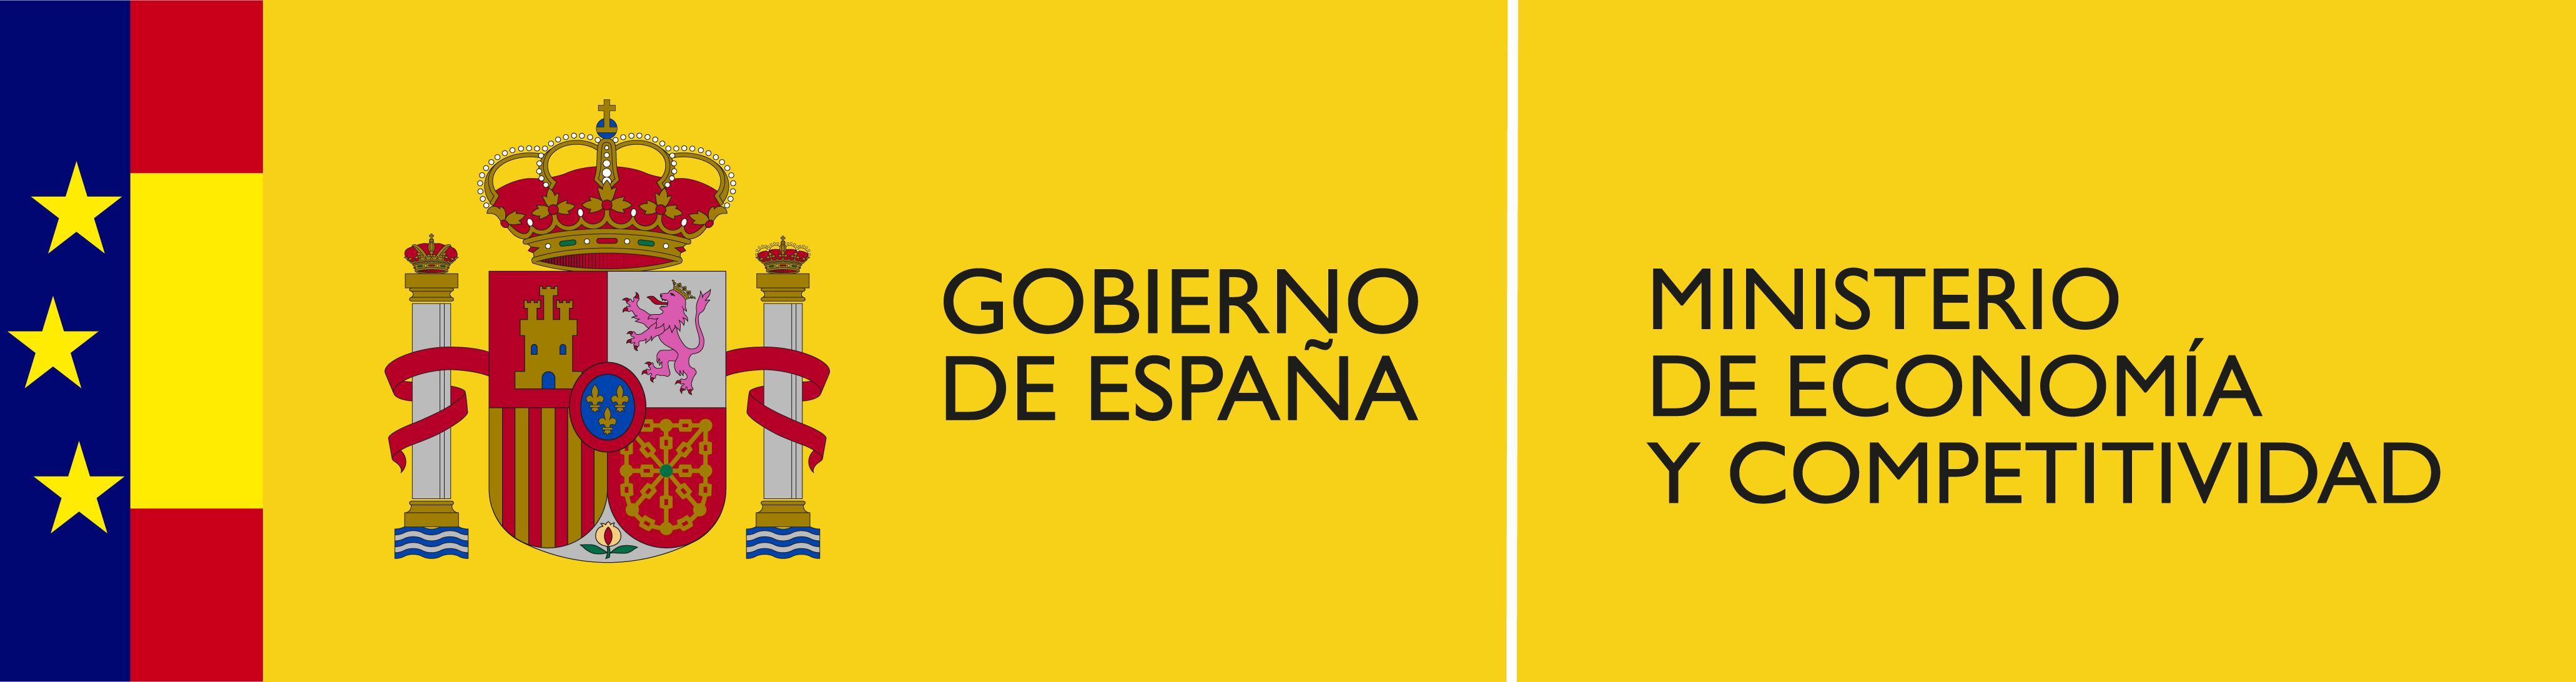 espana logo